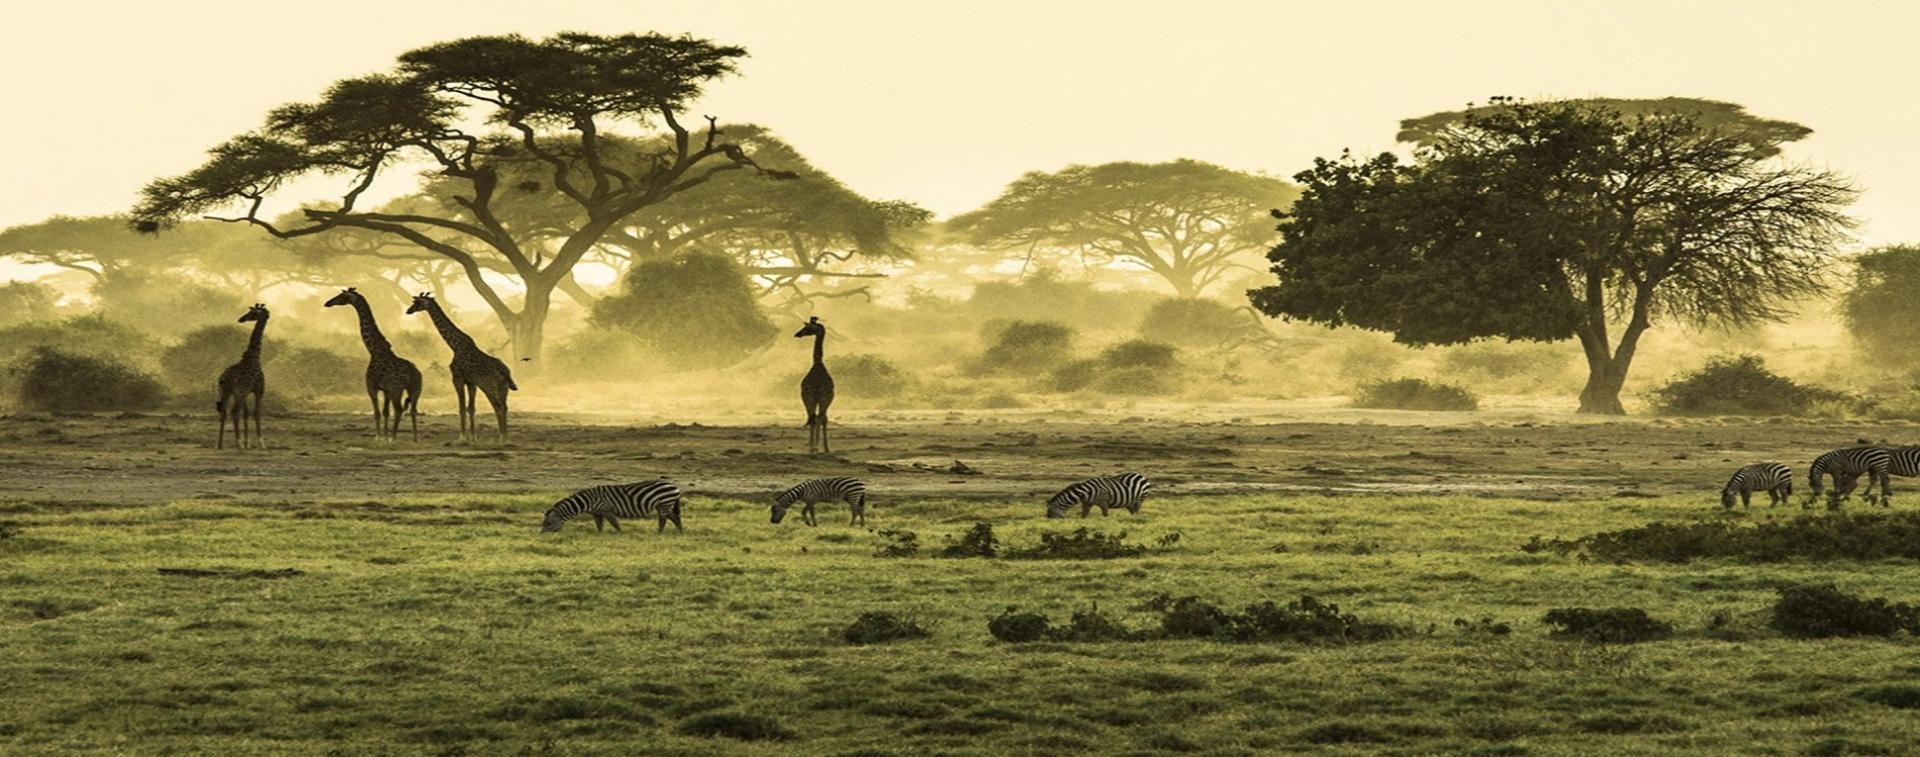 AFRİKA TURLARI